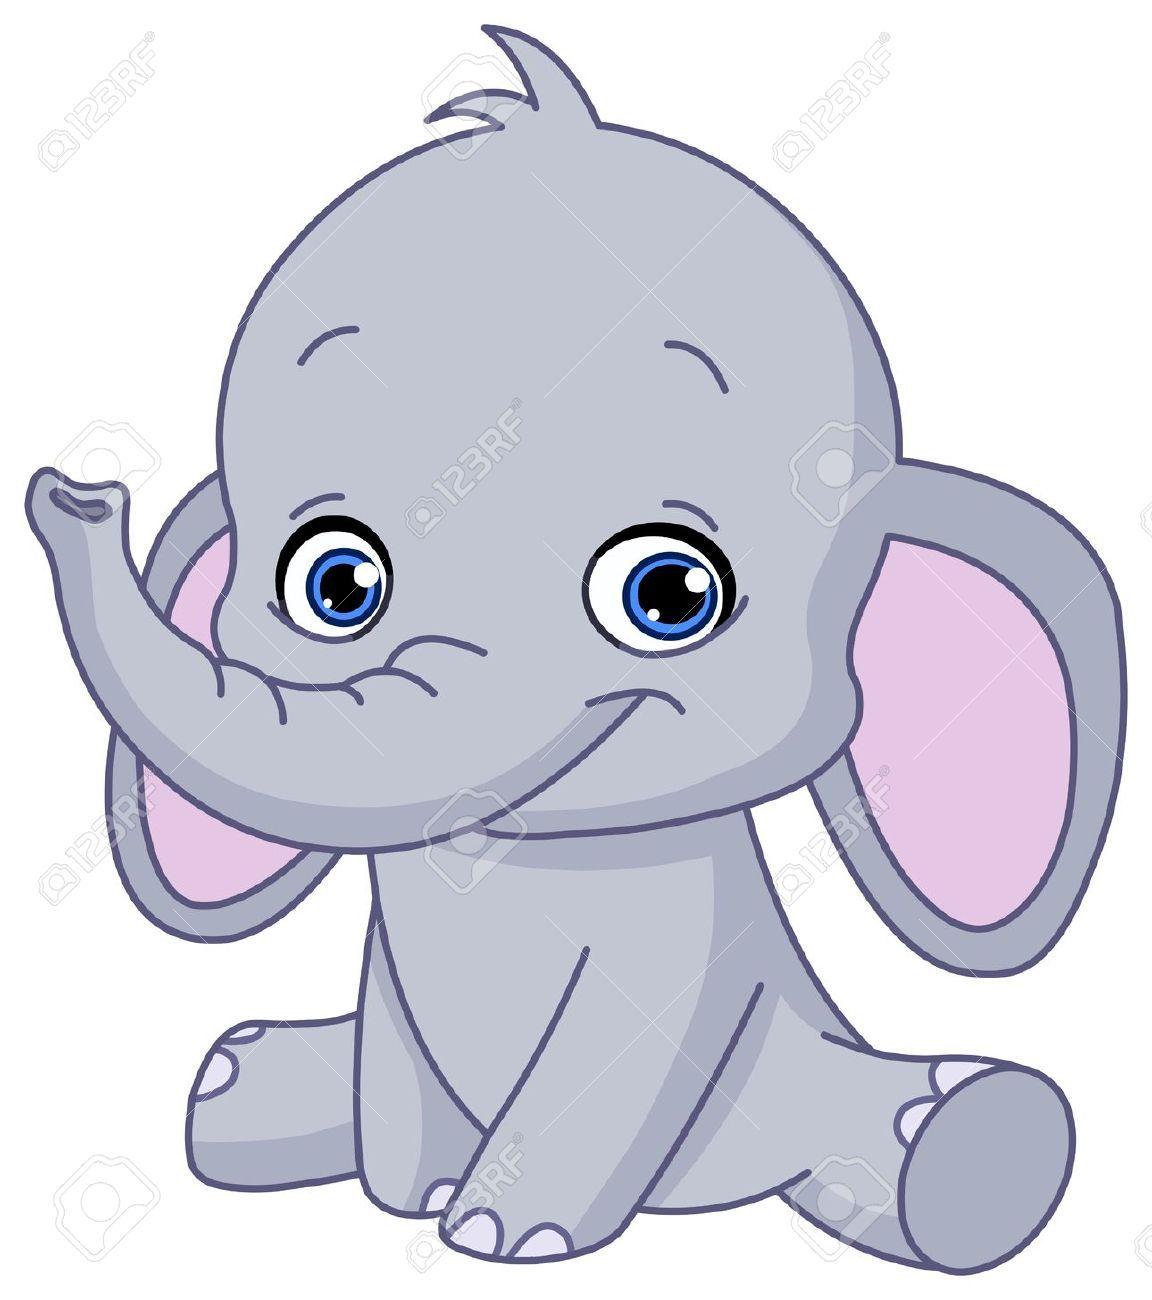 afbeeldingsresultaat voor tekening babyolifant ideeen traktatie